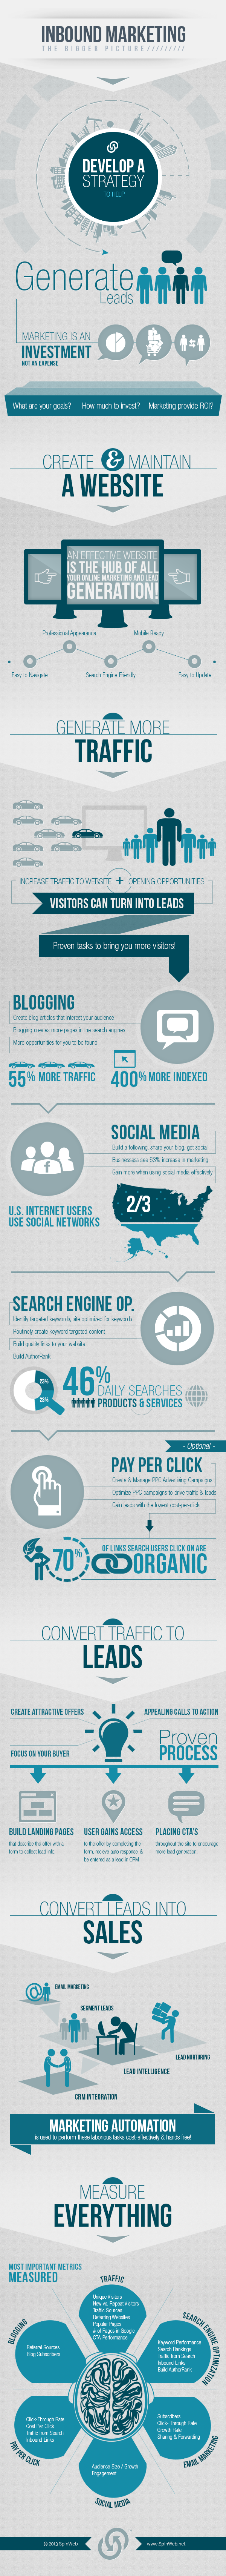 Inbound-Marketing-infographic